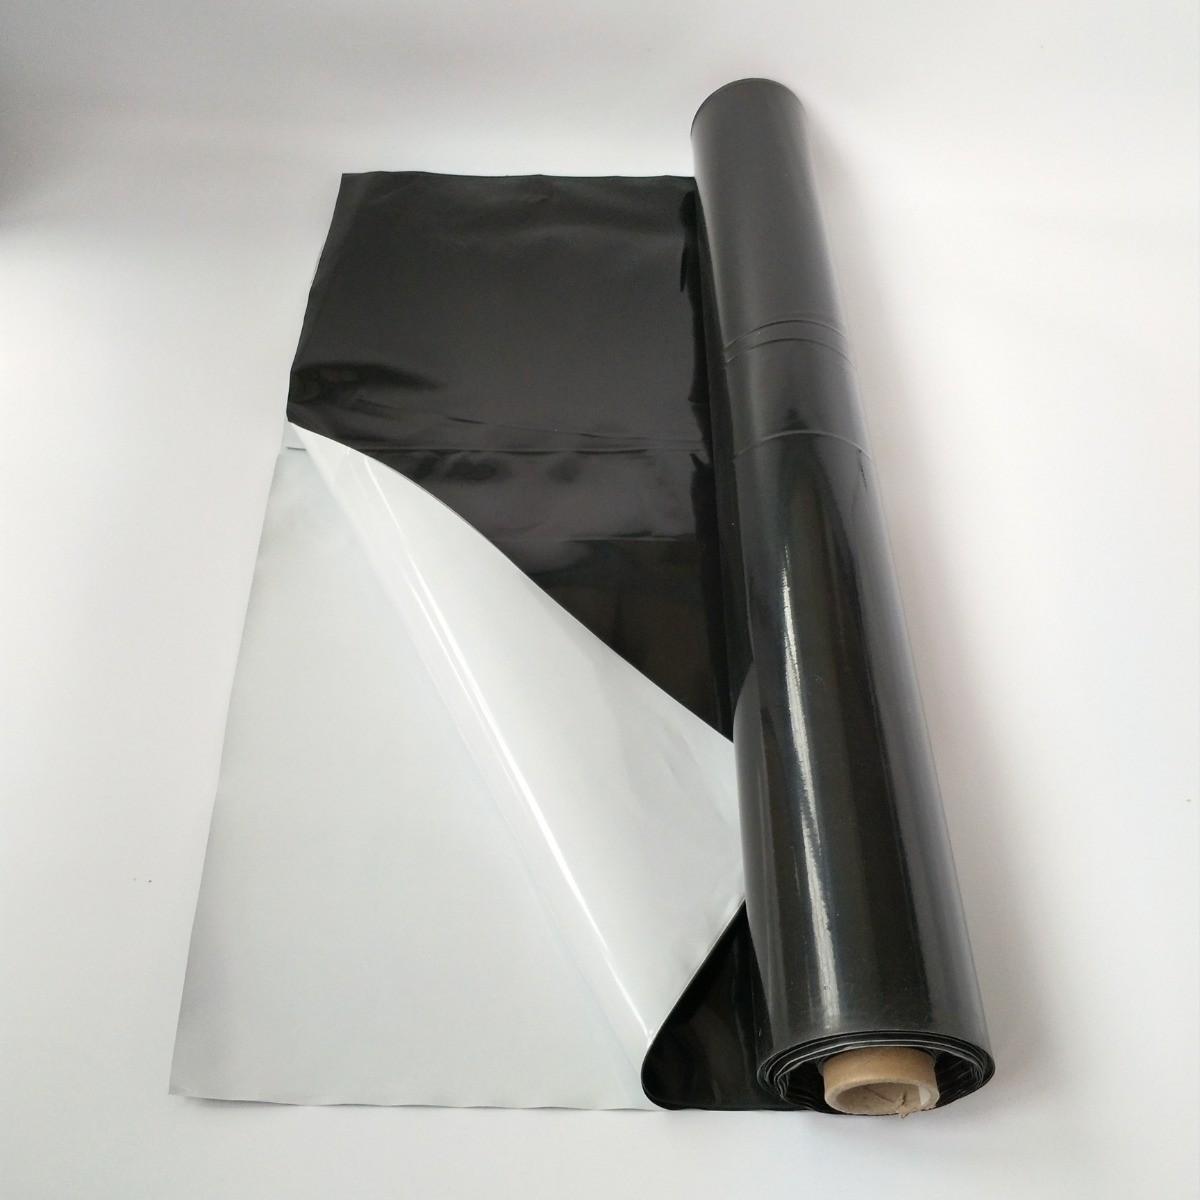 Lona Silagem Nortene Branca/Preta 72kg - 6x20m